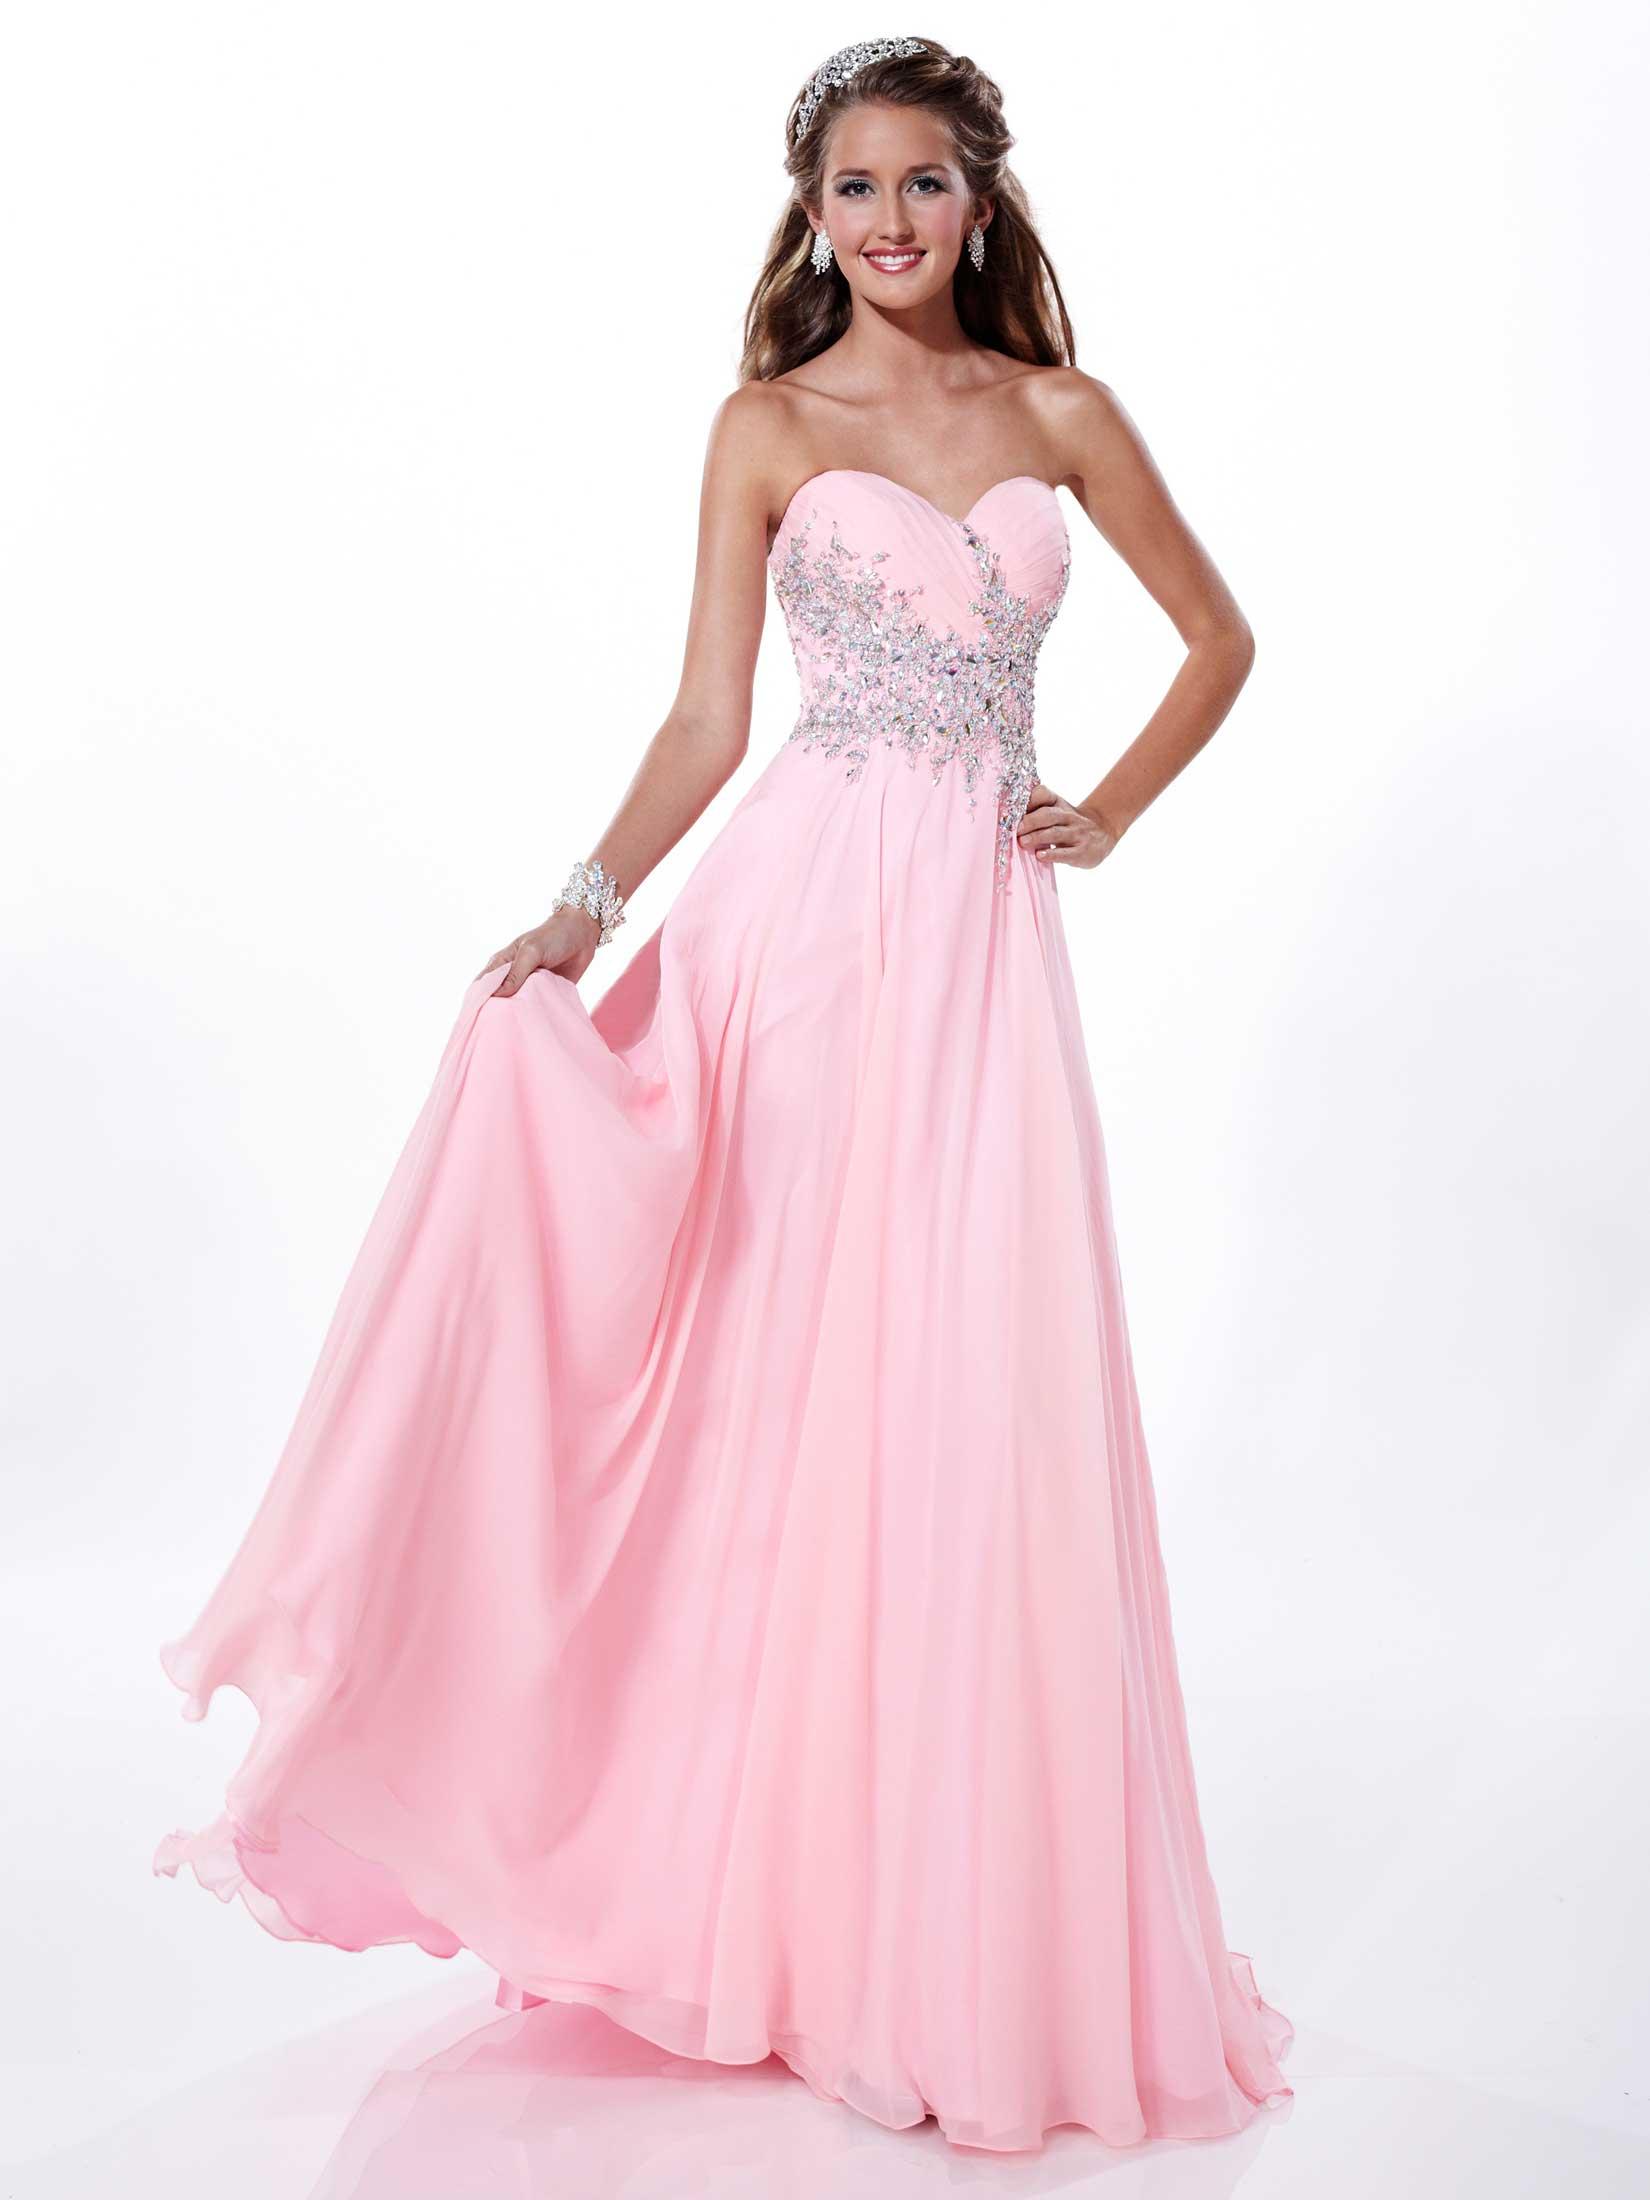 Bonito Ideal Prom Dress Galería - Colección de Vestidos de Boda ...